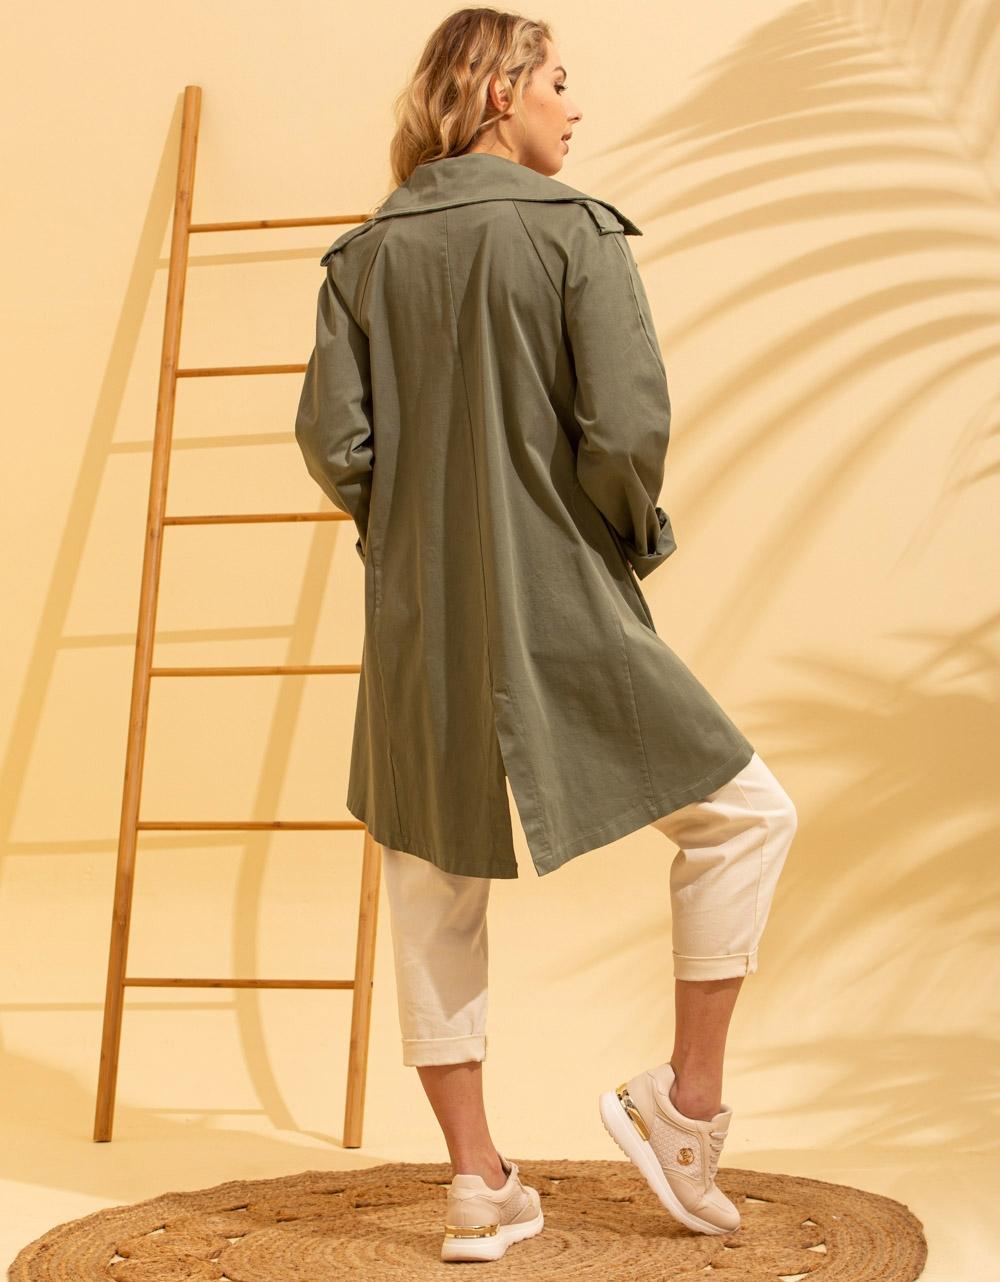 Εικόνα από Γυναικείο πανοφώρι ελαφρύ με τσεπάκια Πράσινο